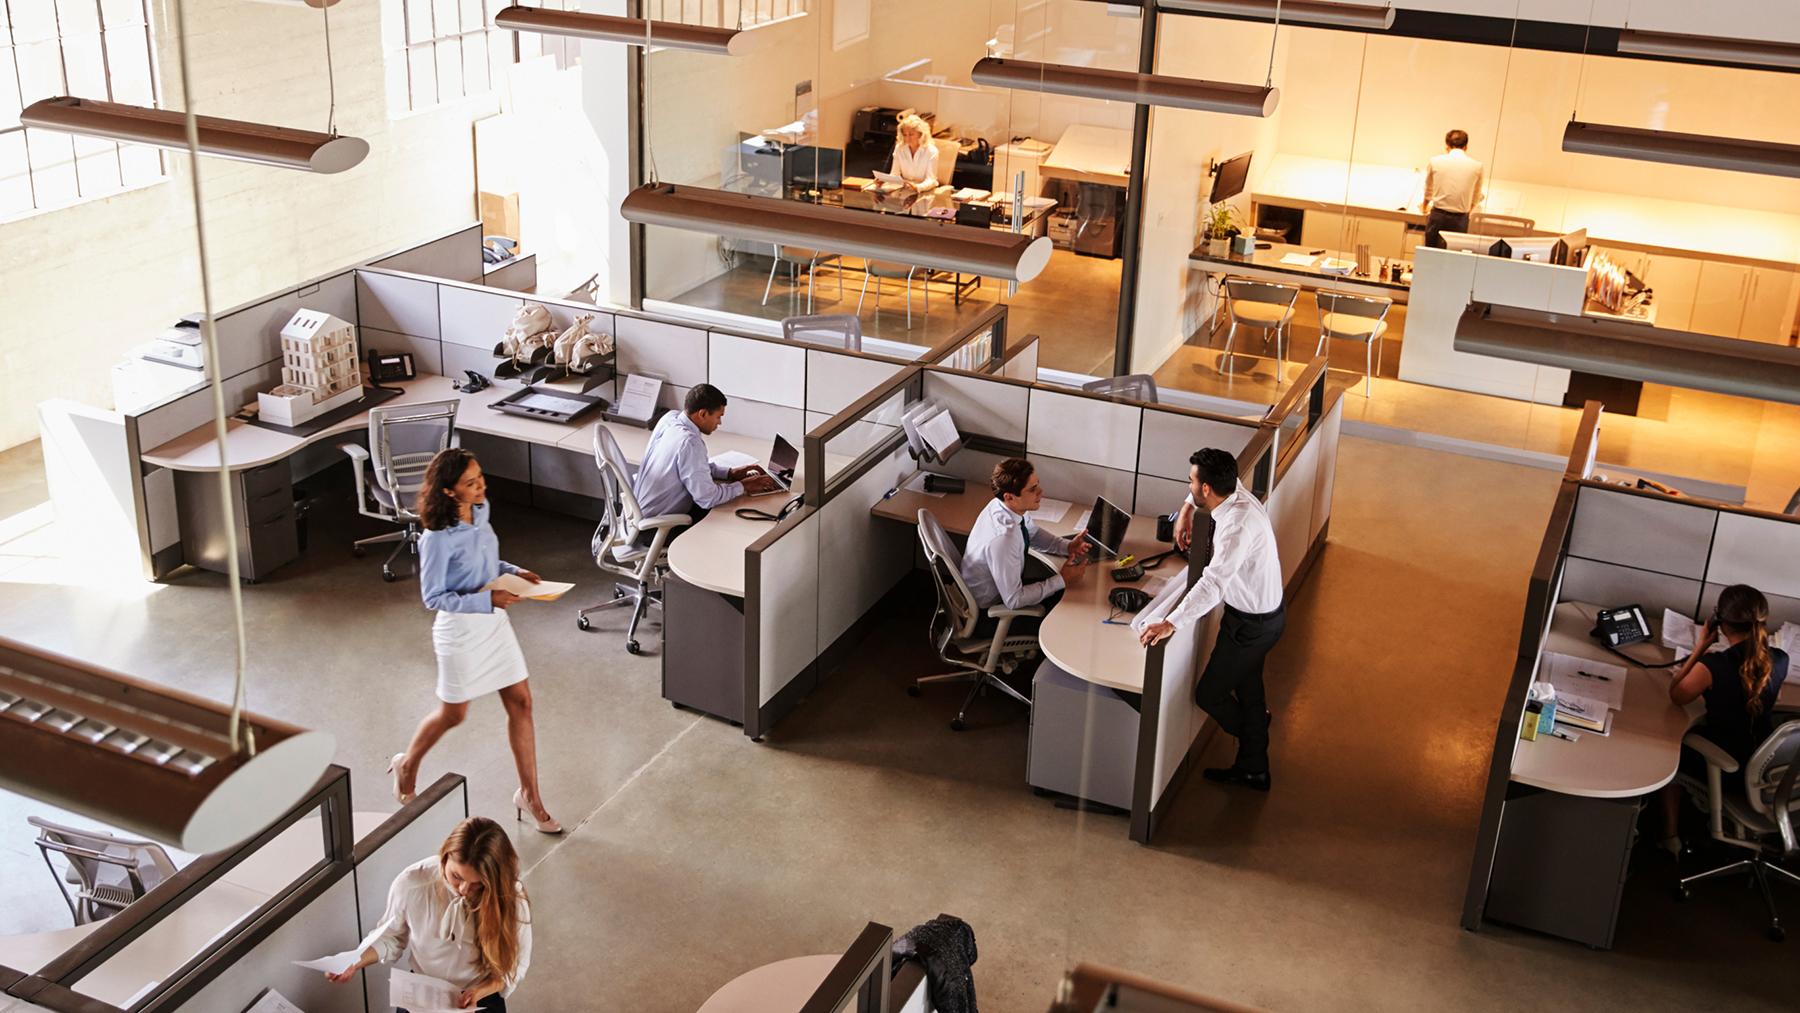 Twee business collega's die aan een bureau zitten en samenwerken. Er ligt papierwerk op tafel en ze gebruiken hun laptop.